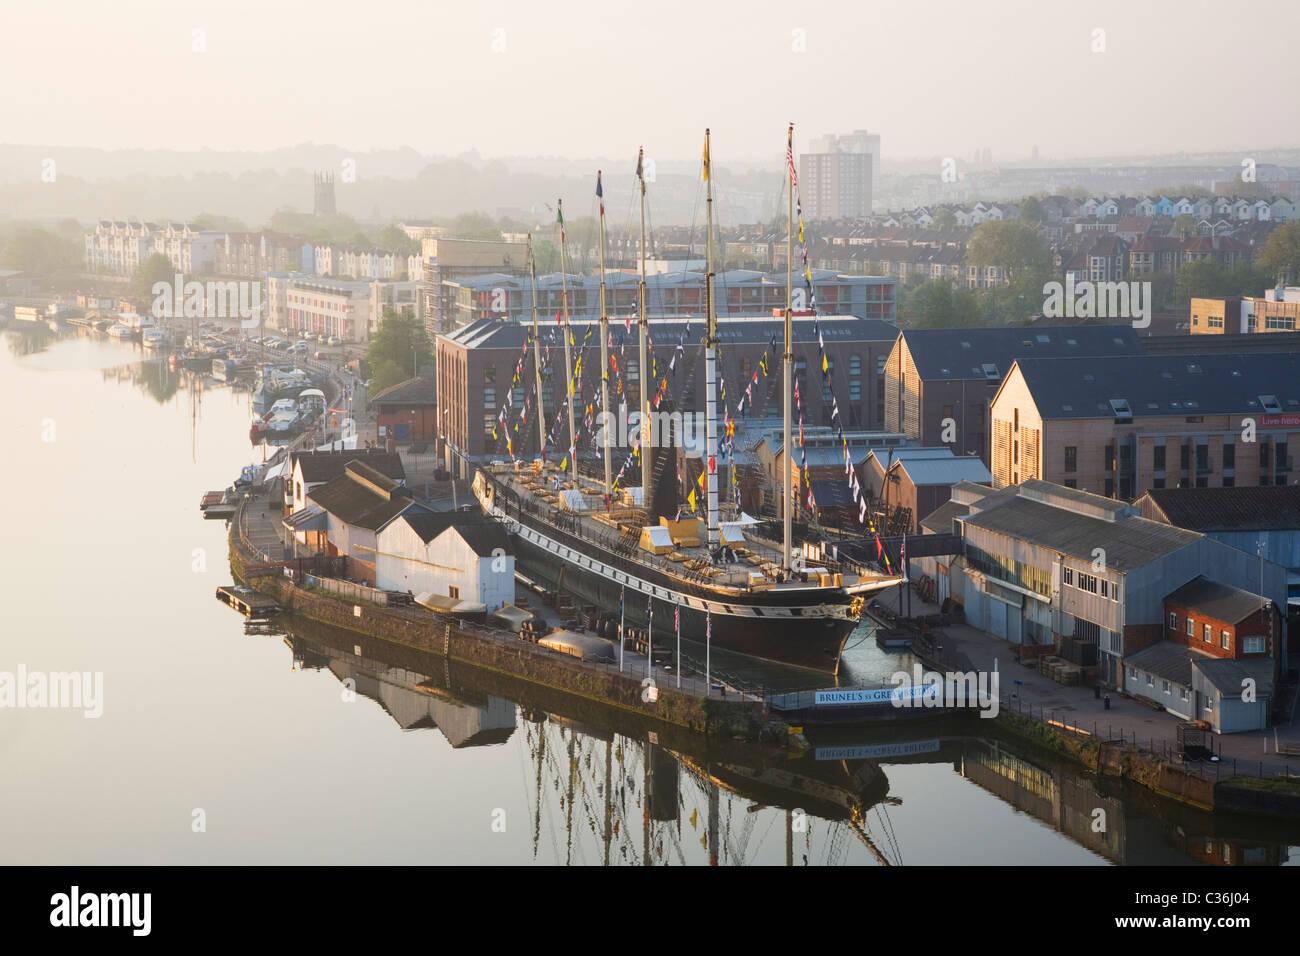 Port flottant de Bristol et le SS Great Britain. Bristol. L'Angleterre. UK. Banque D'Images